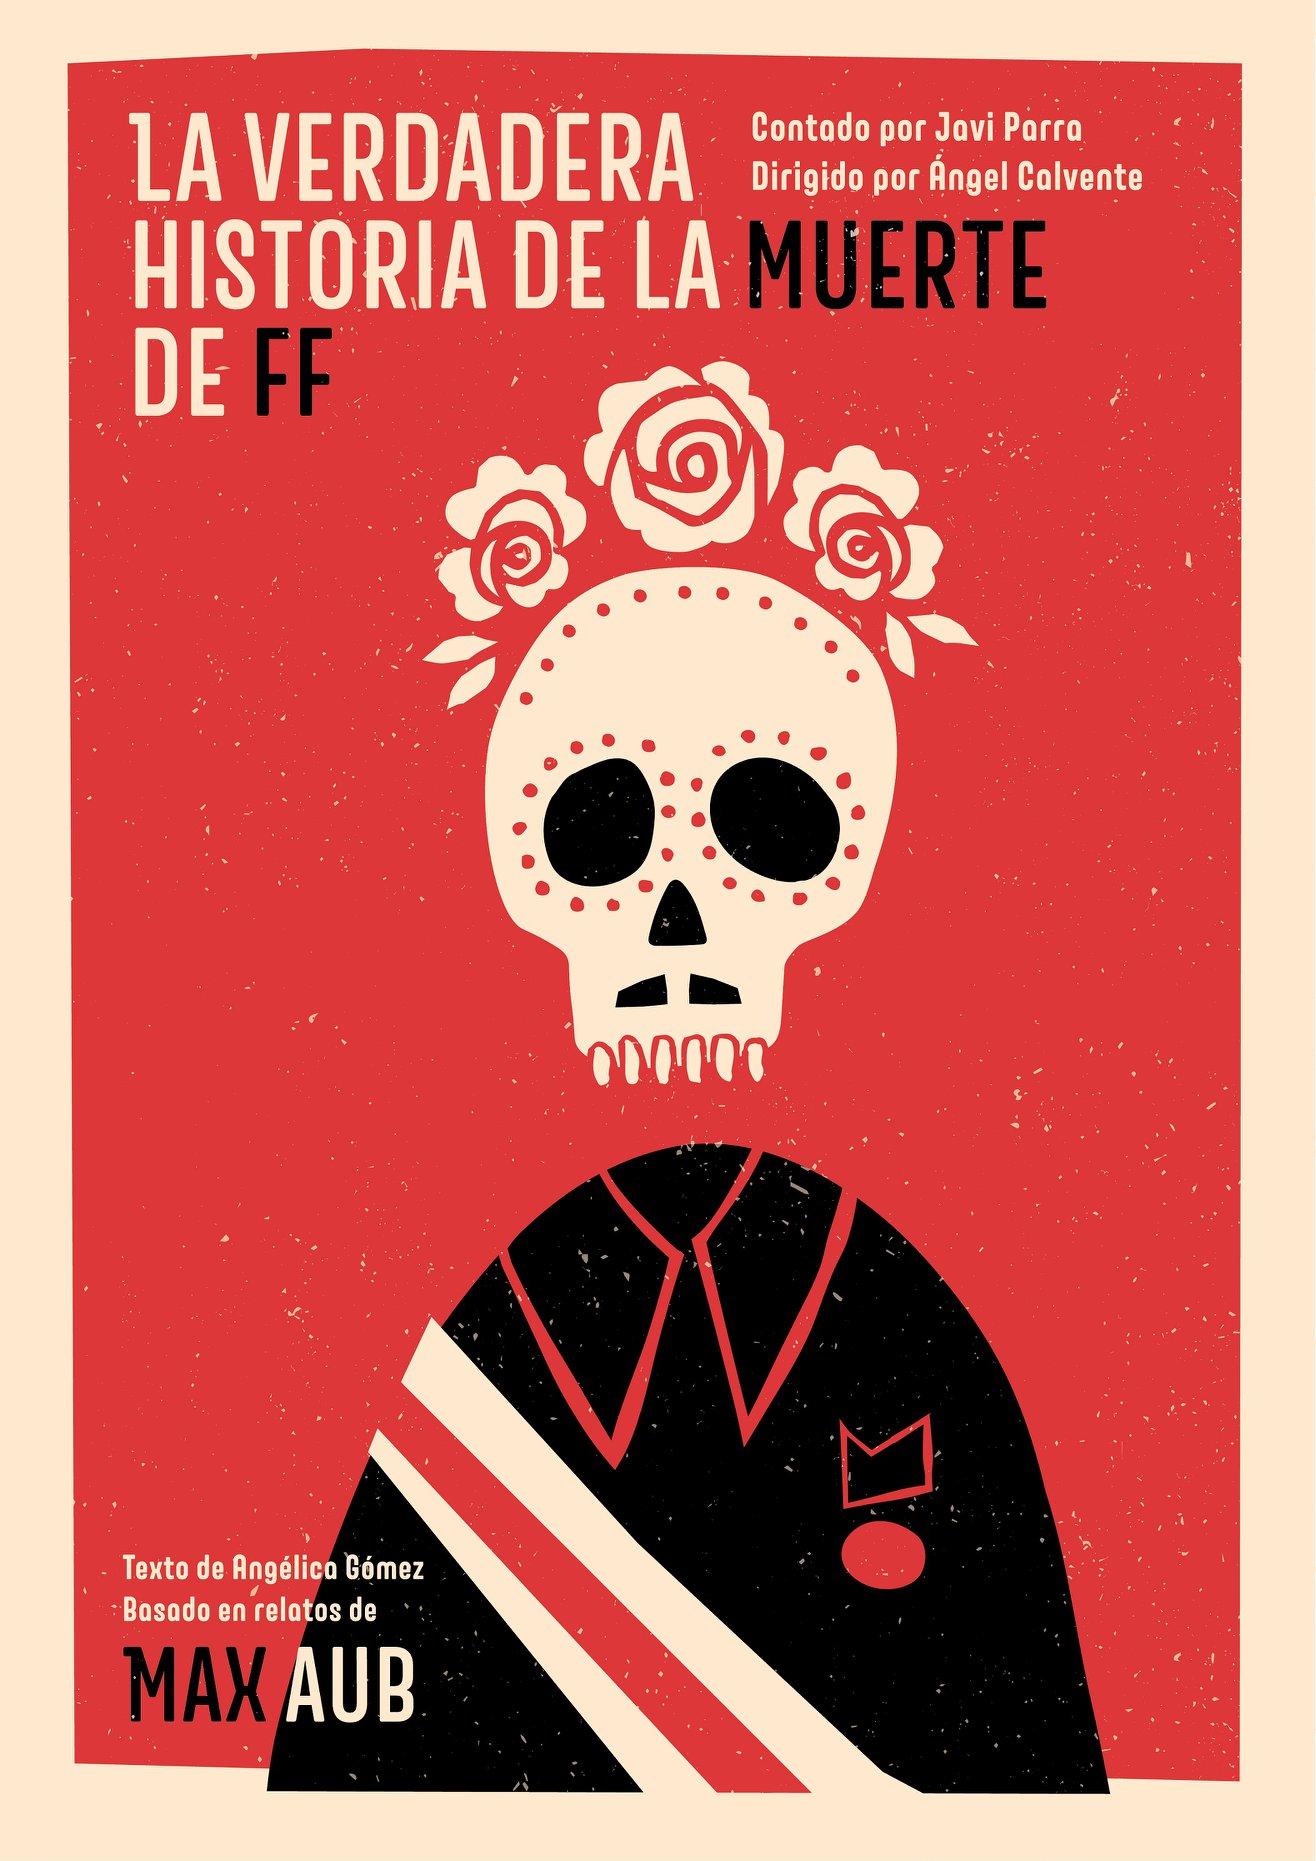 historia-muerte-ff-cartel